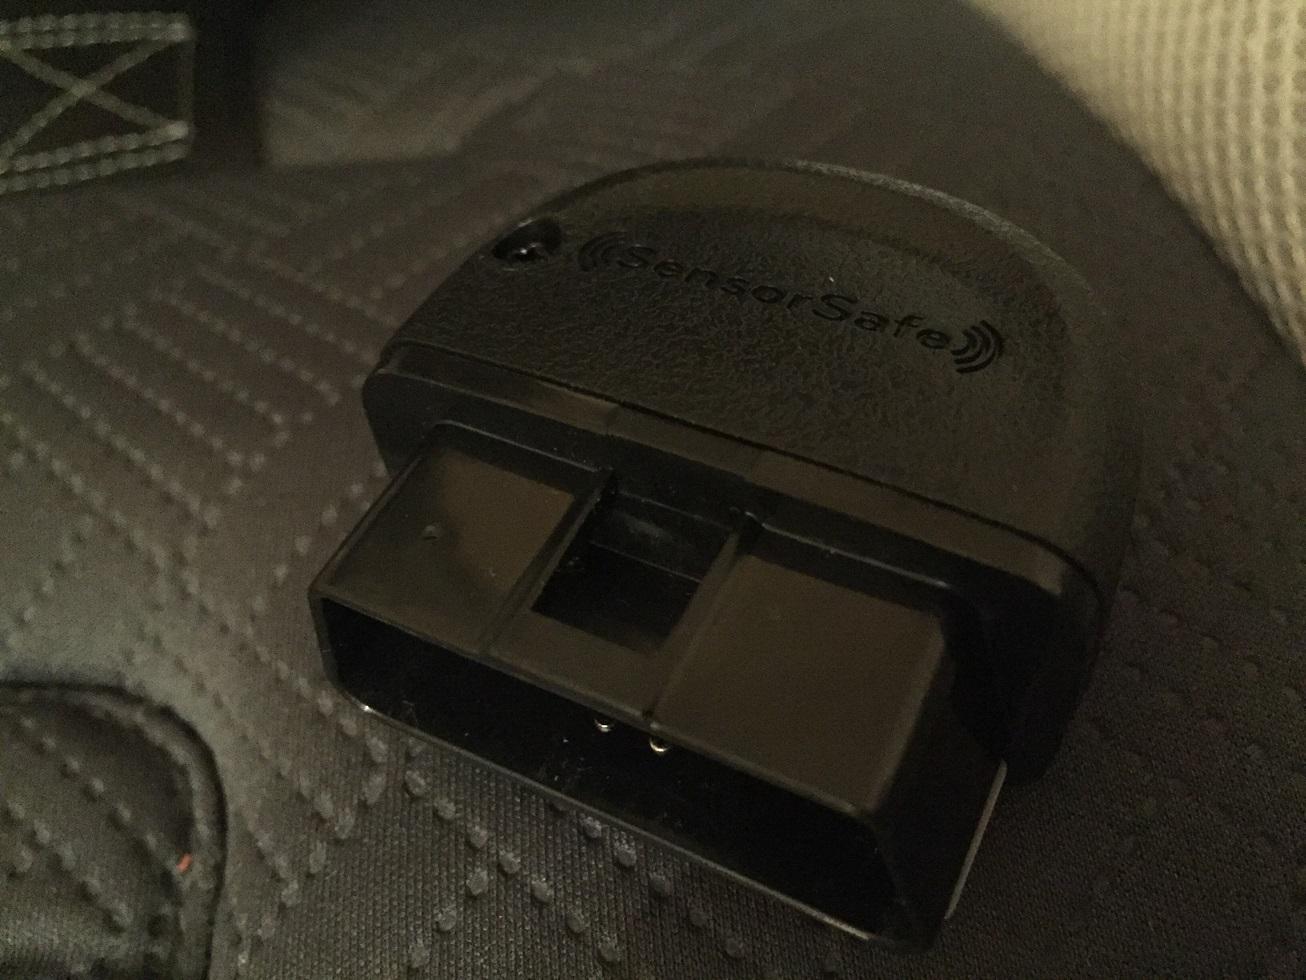 Evenflo Symphony DLX with SensorSafe OBD Plug